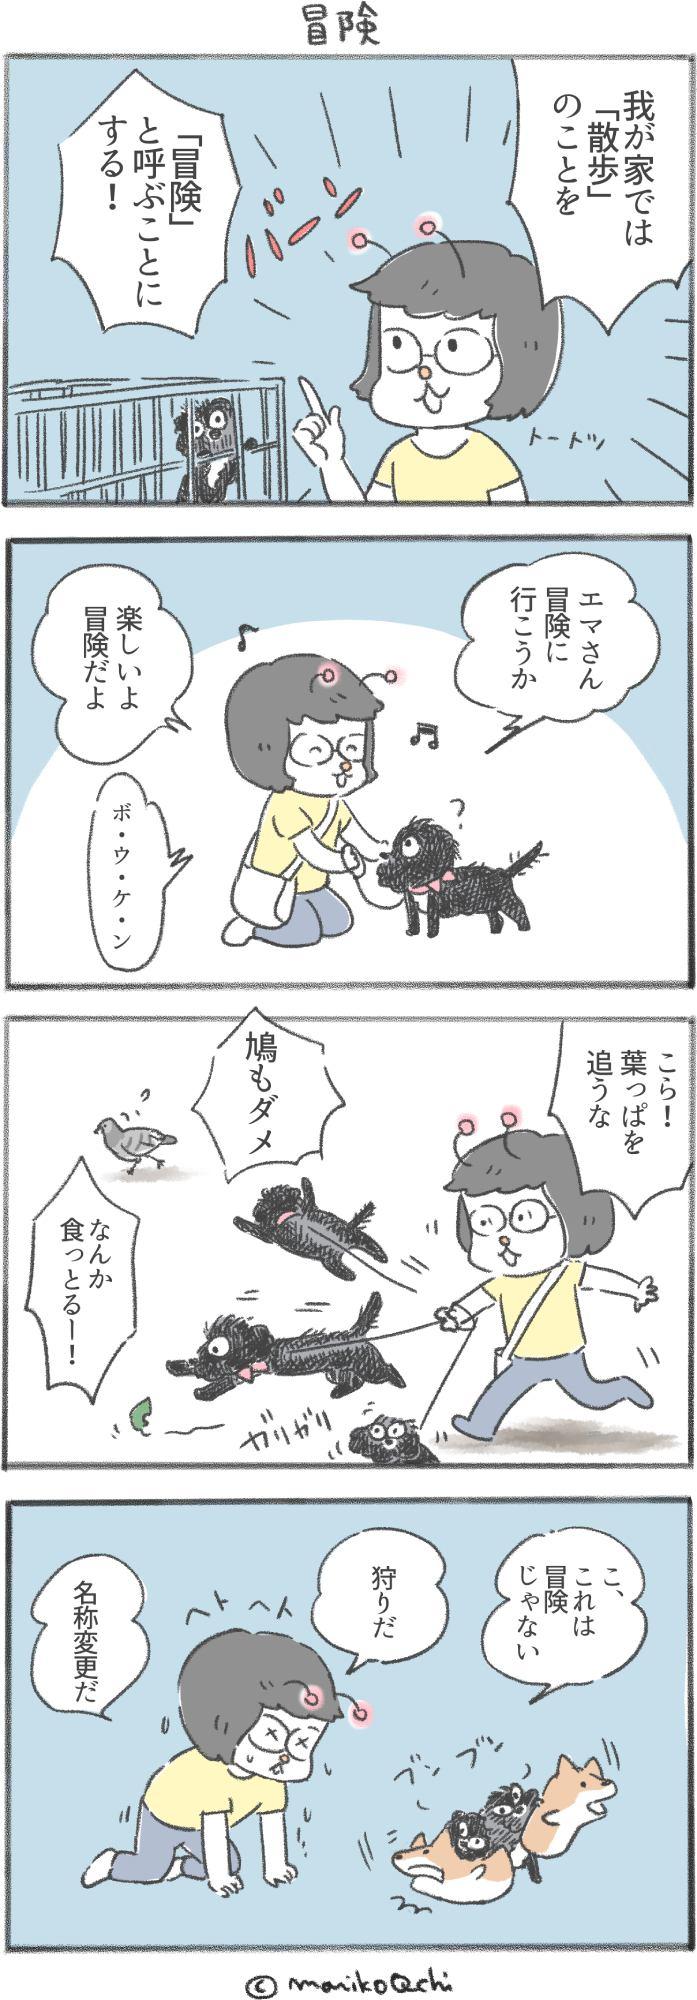 犬と暮らせば第117話